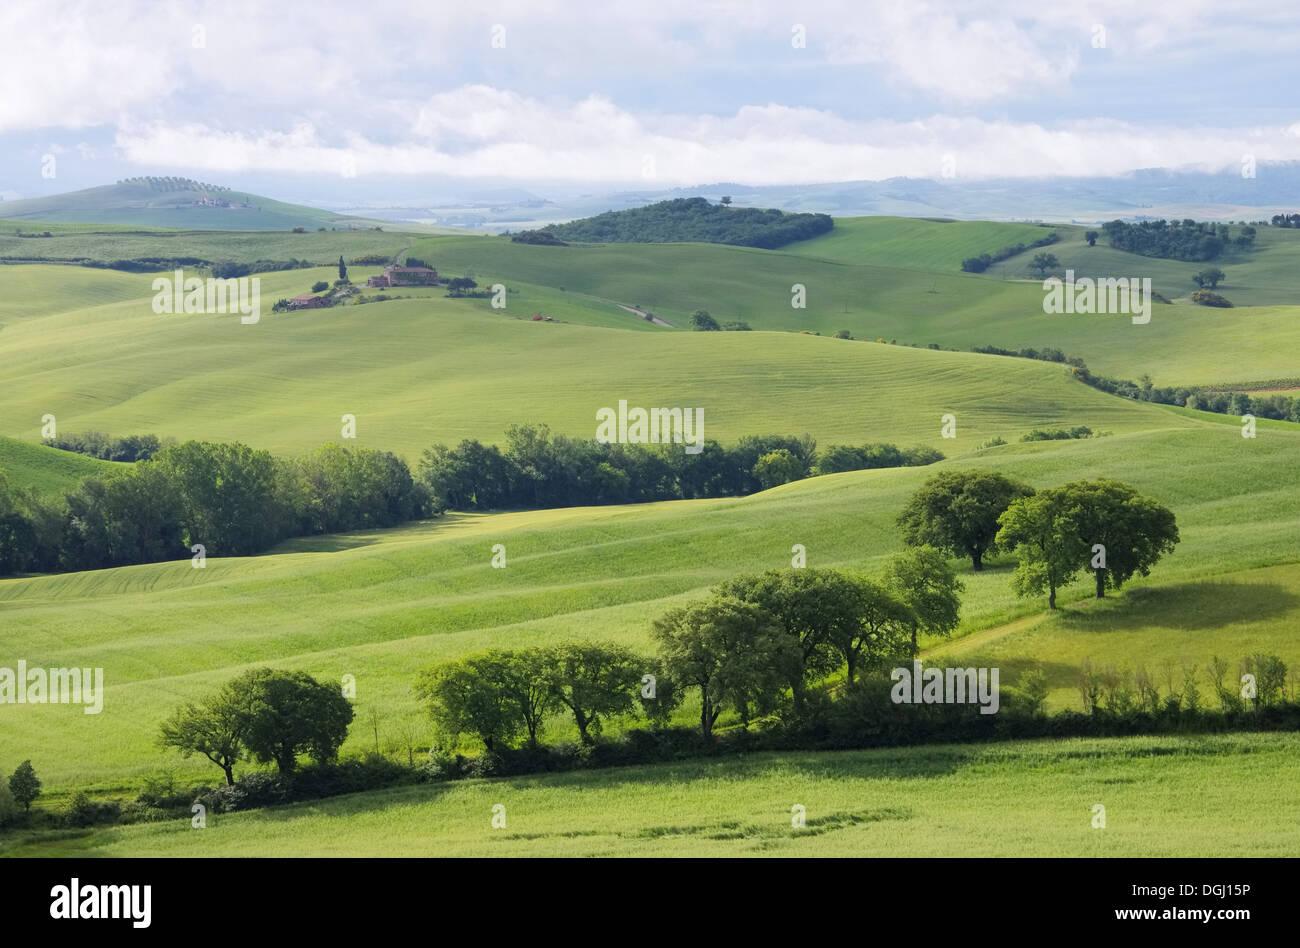 Toskana Huegel - Tuscany hills 60 Stock Photo